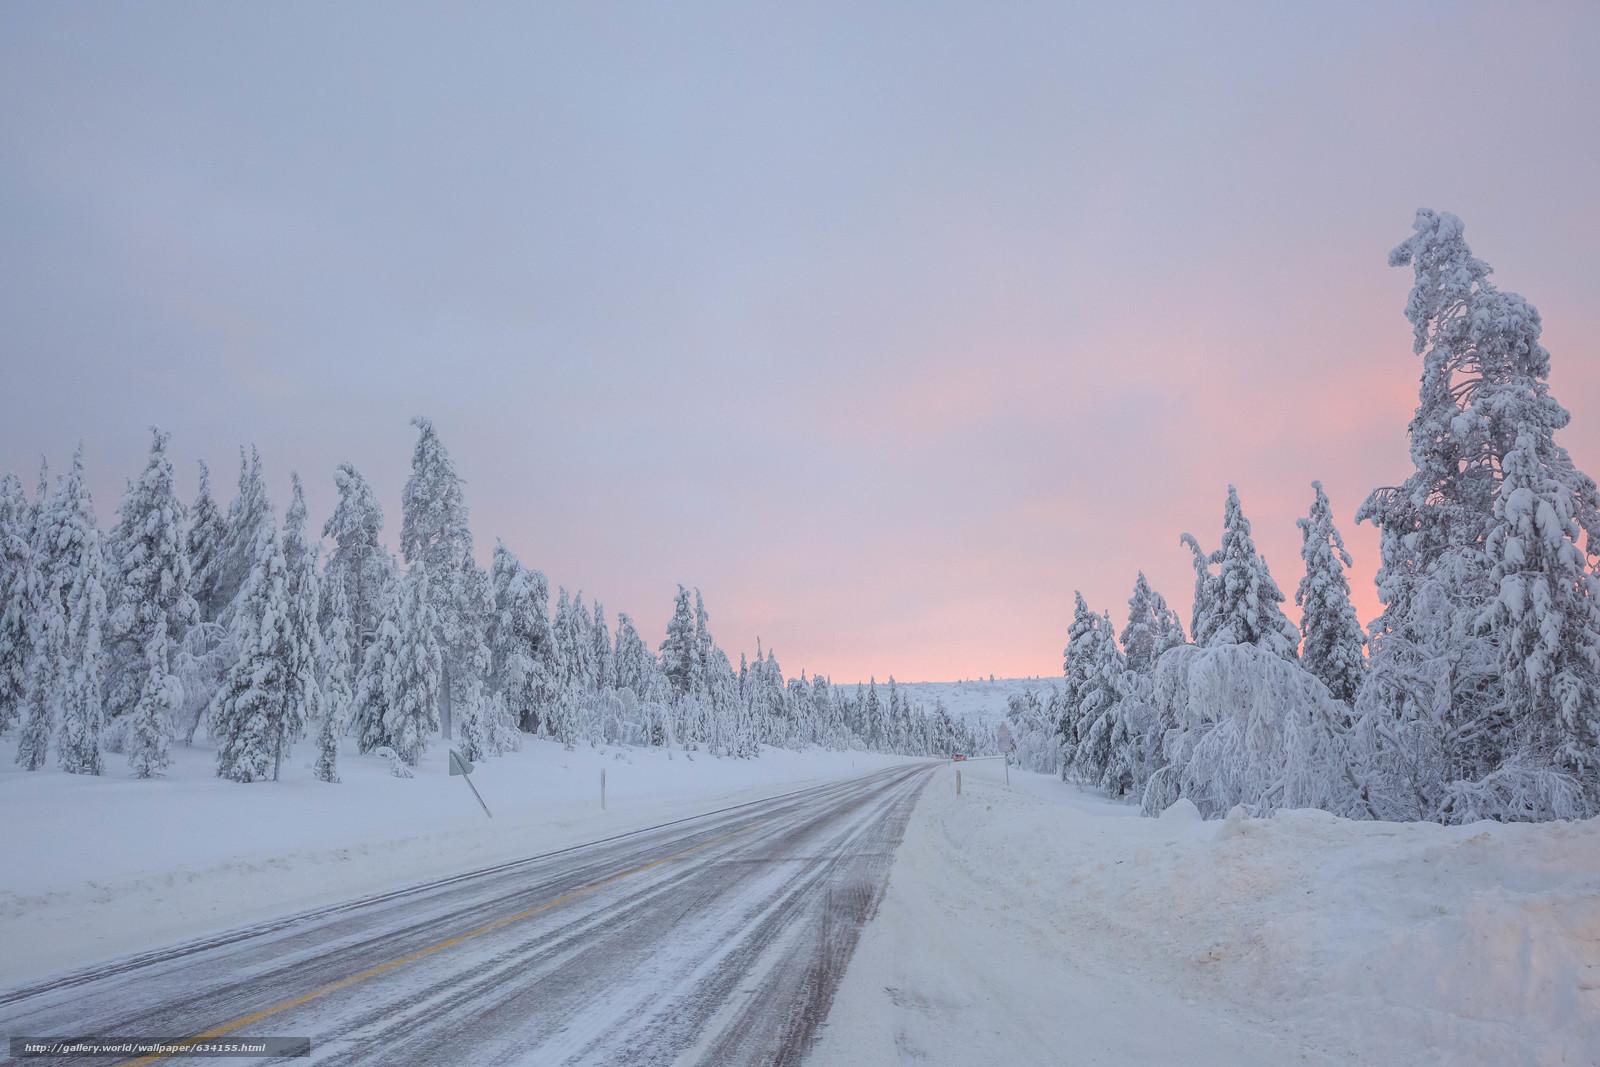 Tlcharger Fond d'ecran hiver,  route,  arbres,  coucher du soleil Fonds d'ecran gratuits pour votre rsolution du bureau 5760x3840 — image №634155